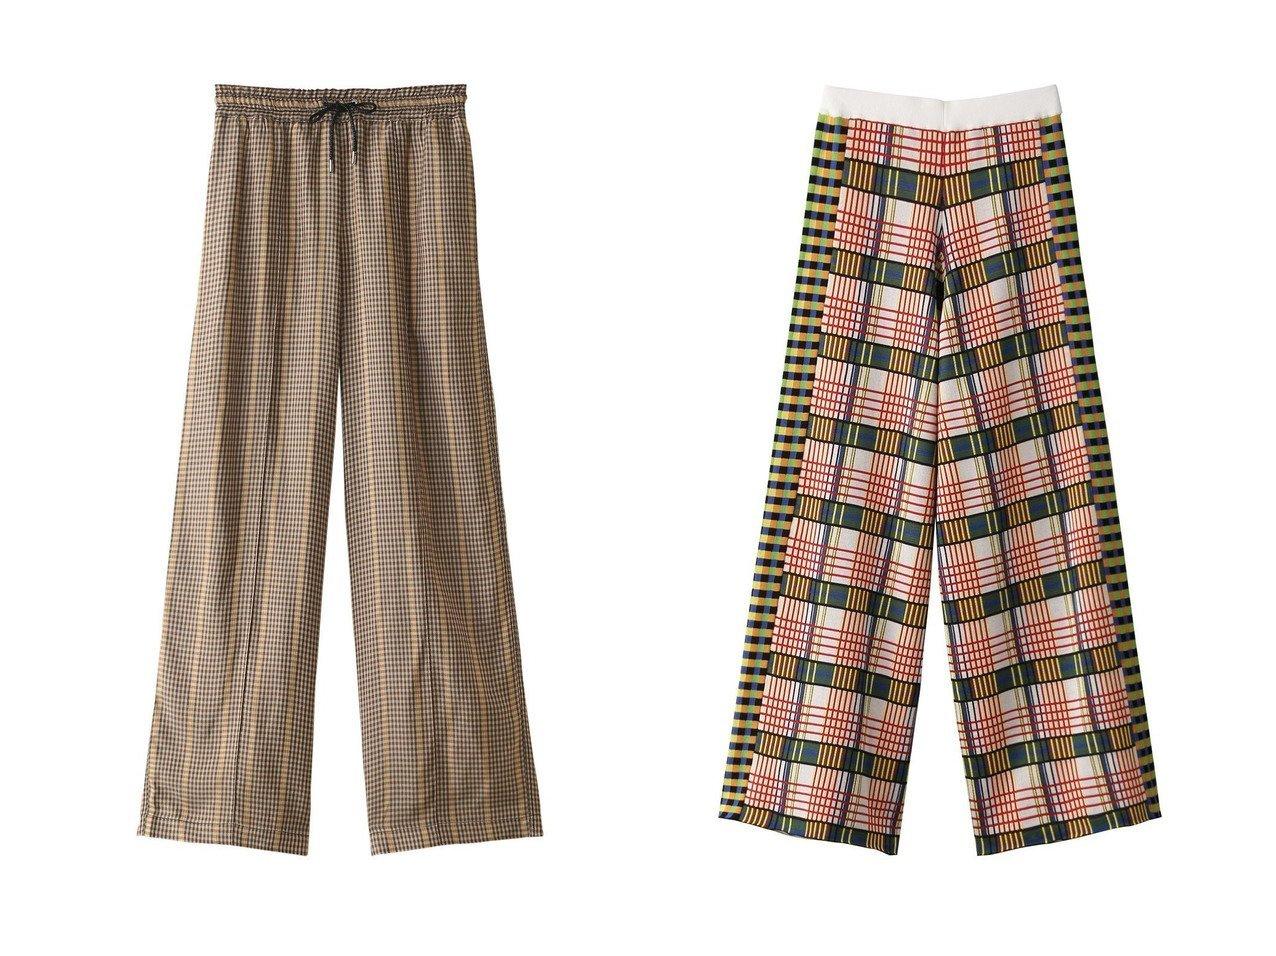 【nagonstans/ナゴンスタンス】のパンツ&【CINOH/チノ】のチェックイージーパンツ 【パンツ】おすすめ!人気、トレンド・レディースファッションの通販 おすすめで人気の流行・トレンド、ファッションの通販商品 インテリア・家具・メンズファッション・キッズファッション・レディースファッション・服の通販 founy(ファニー) https://founy.com/ ファッション Fashion レディースファッション WOMEN パンツ Pants 2020年 2020 2020-2021秋冬・A/W AW・Autumn/Winter・FW・Fall-Winter/2020-2021 2021年 2021 2021-2022秋冬・A/W AW・Autumn/Winter・FW・Fall-Winter・2021-2022 A/W・秋冬 AW・Autumn/Winter・FW・Fall-Winter スラックス チェック 今季 なめらか シンプル |ID:crp329100000059481